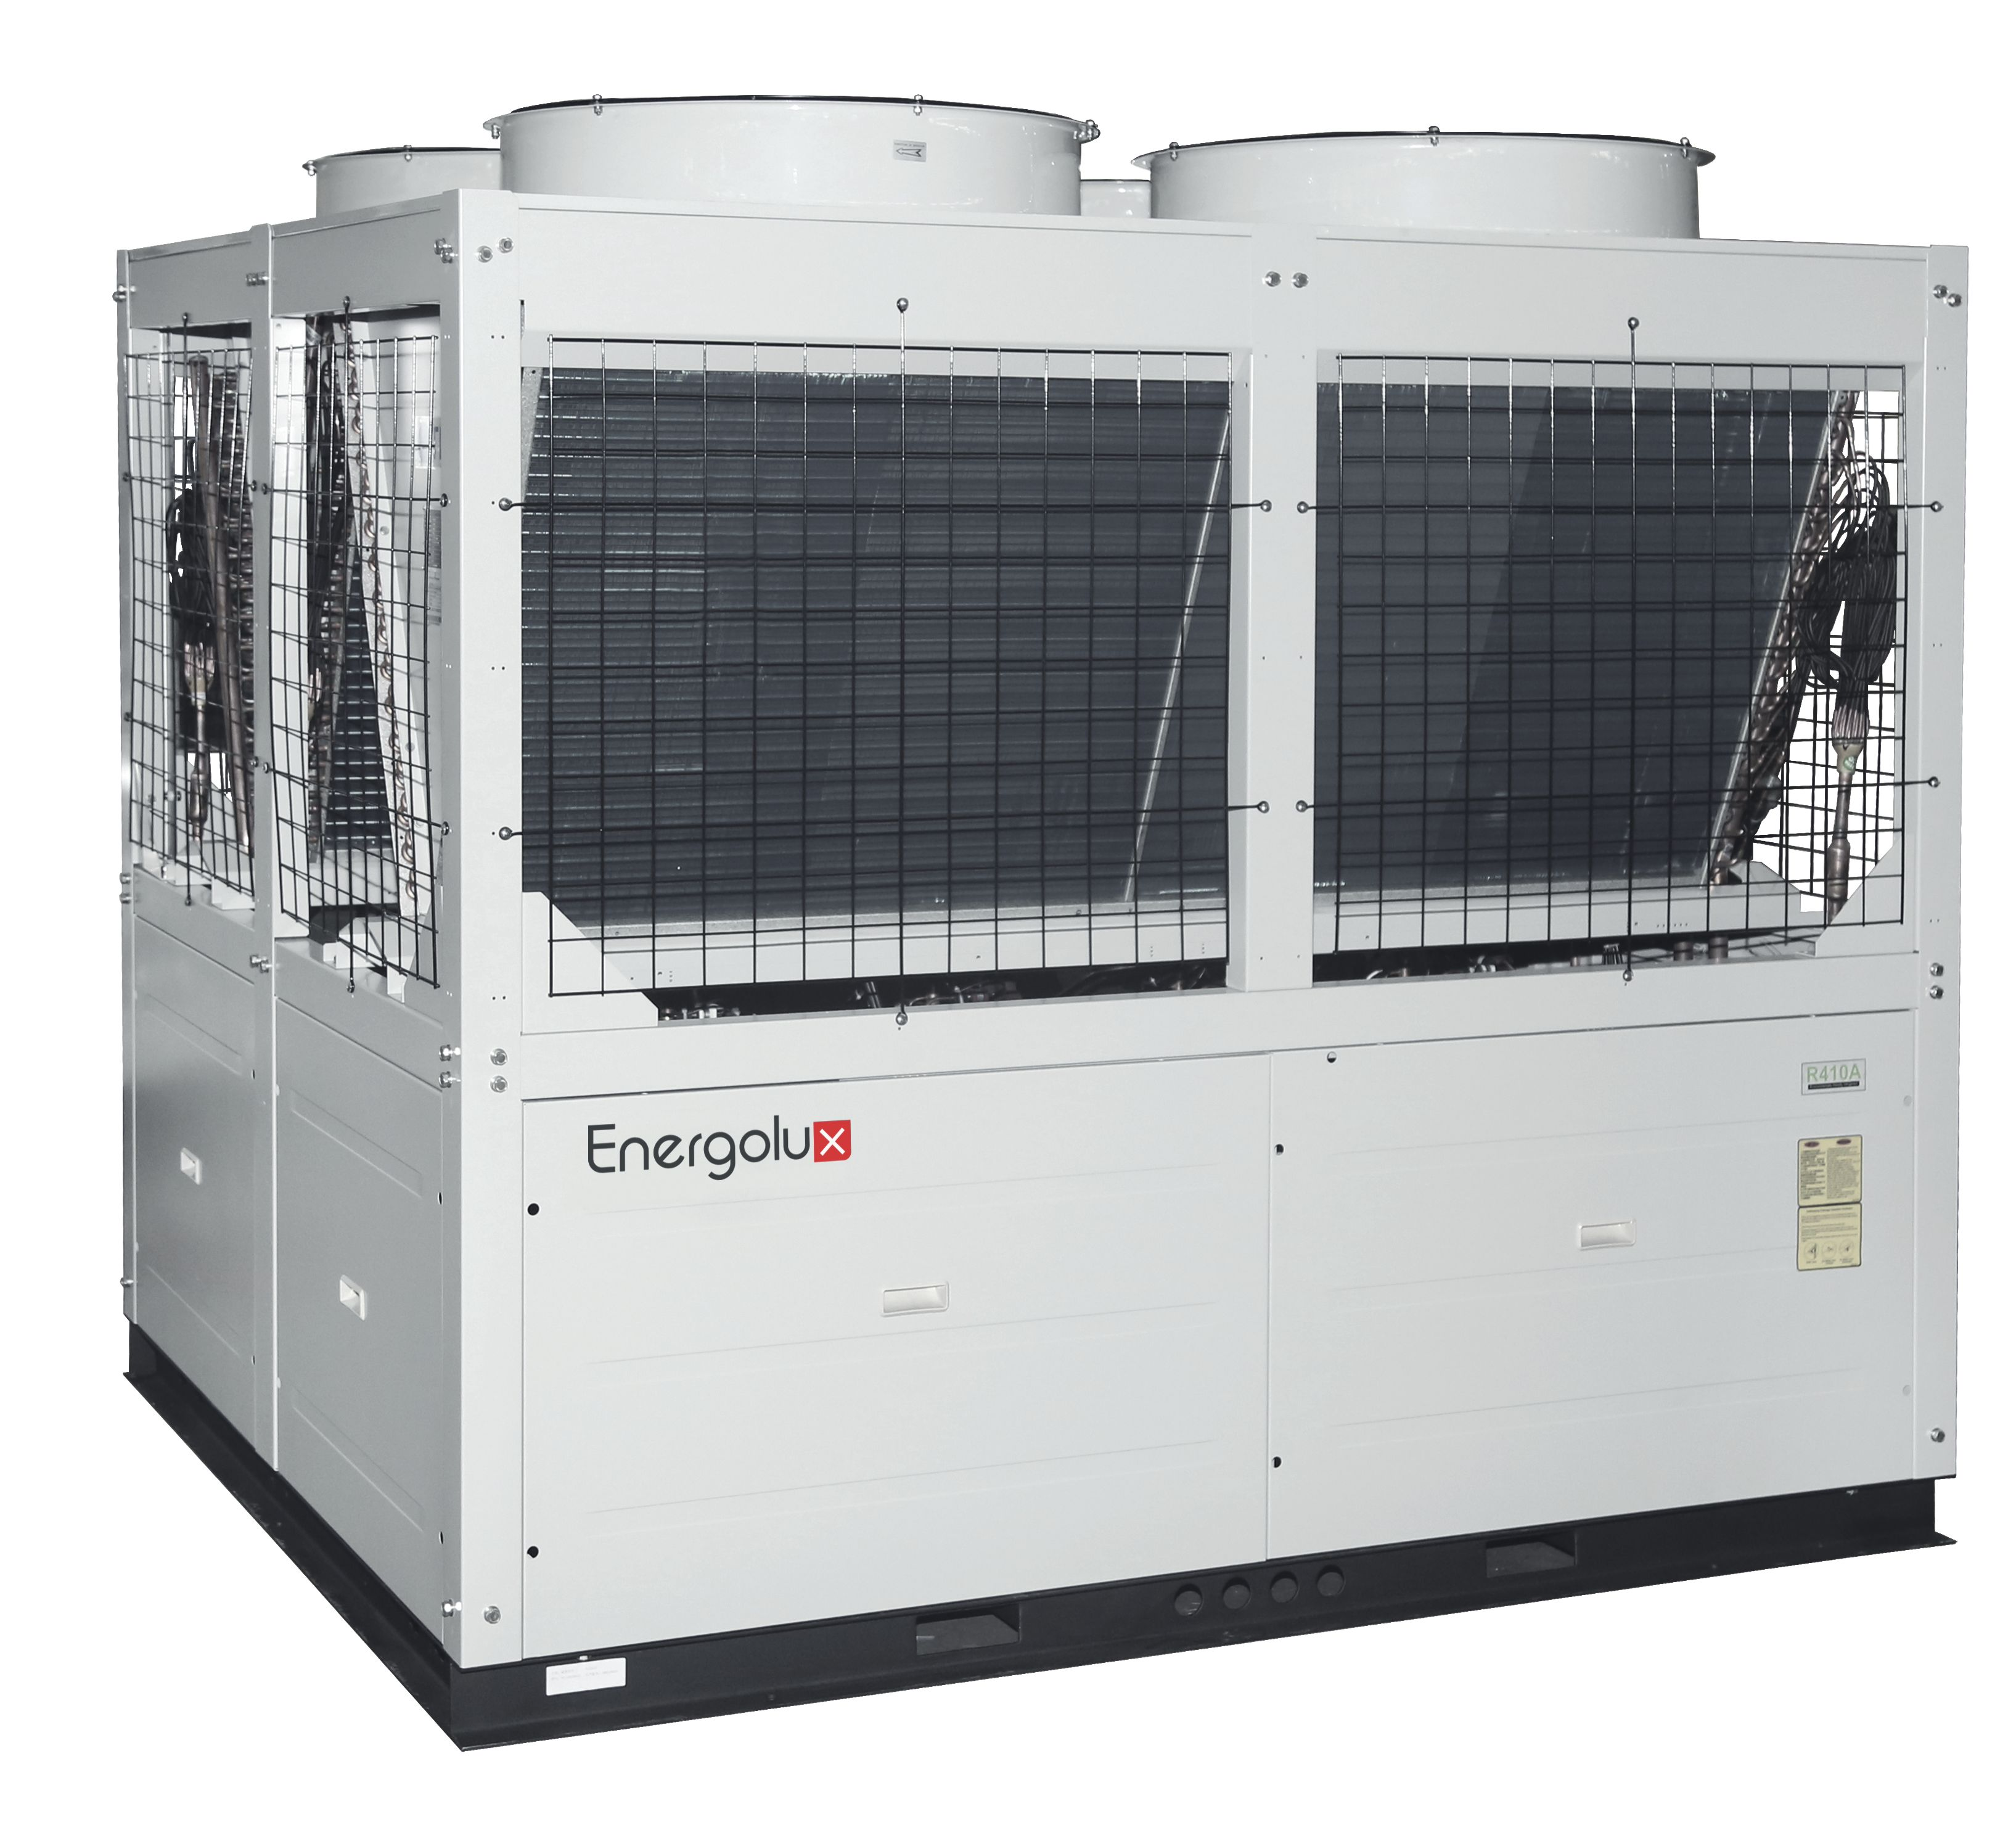 Energolux SCAW-M 330 ZHT